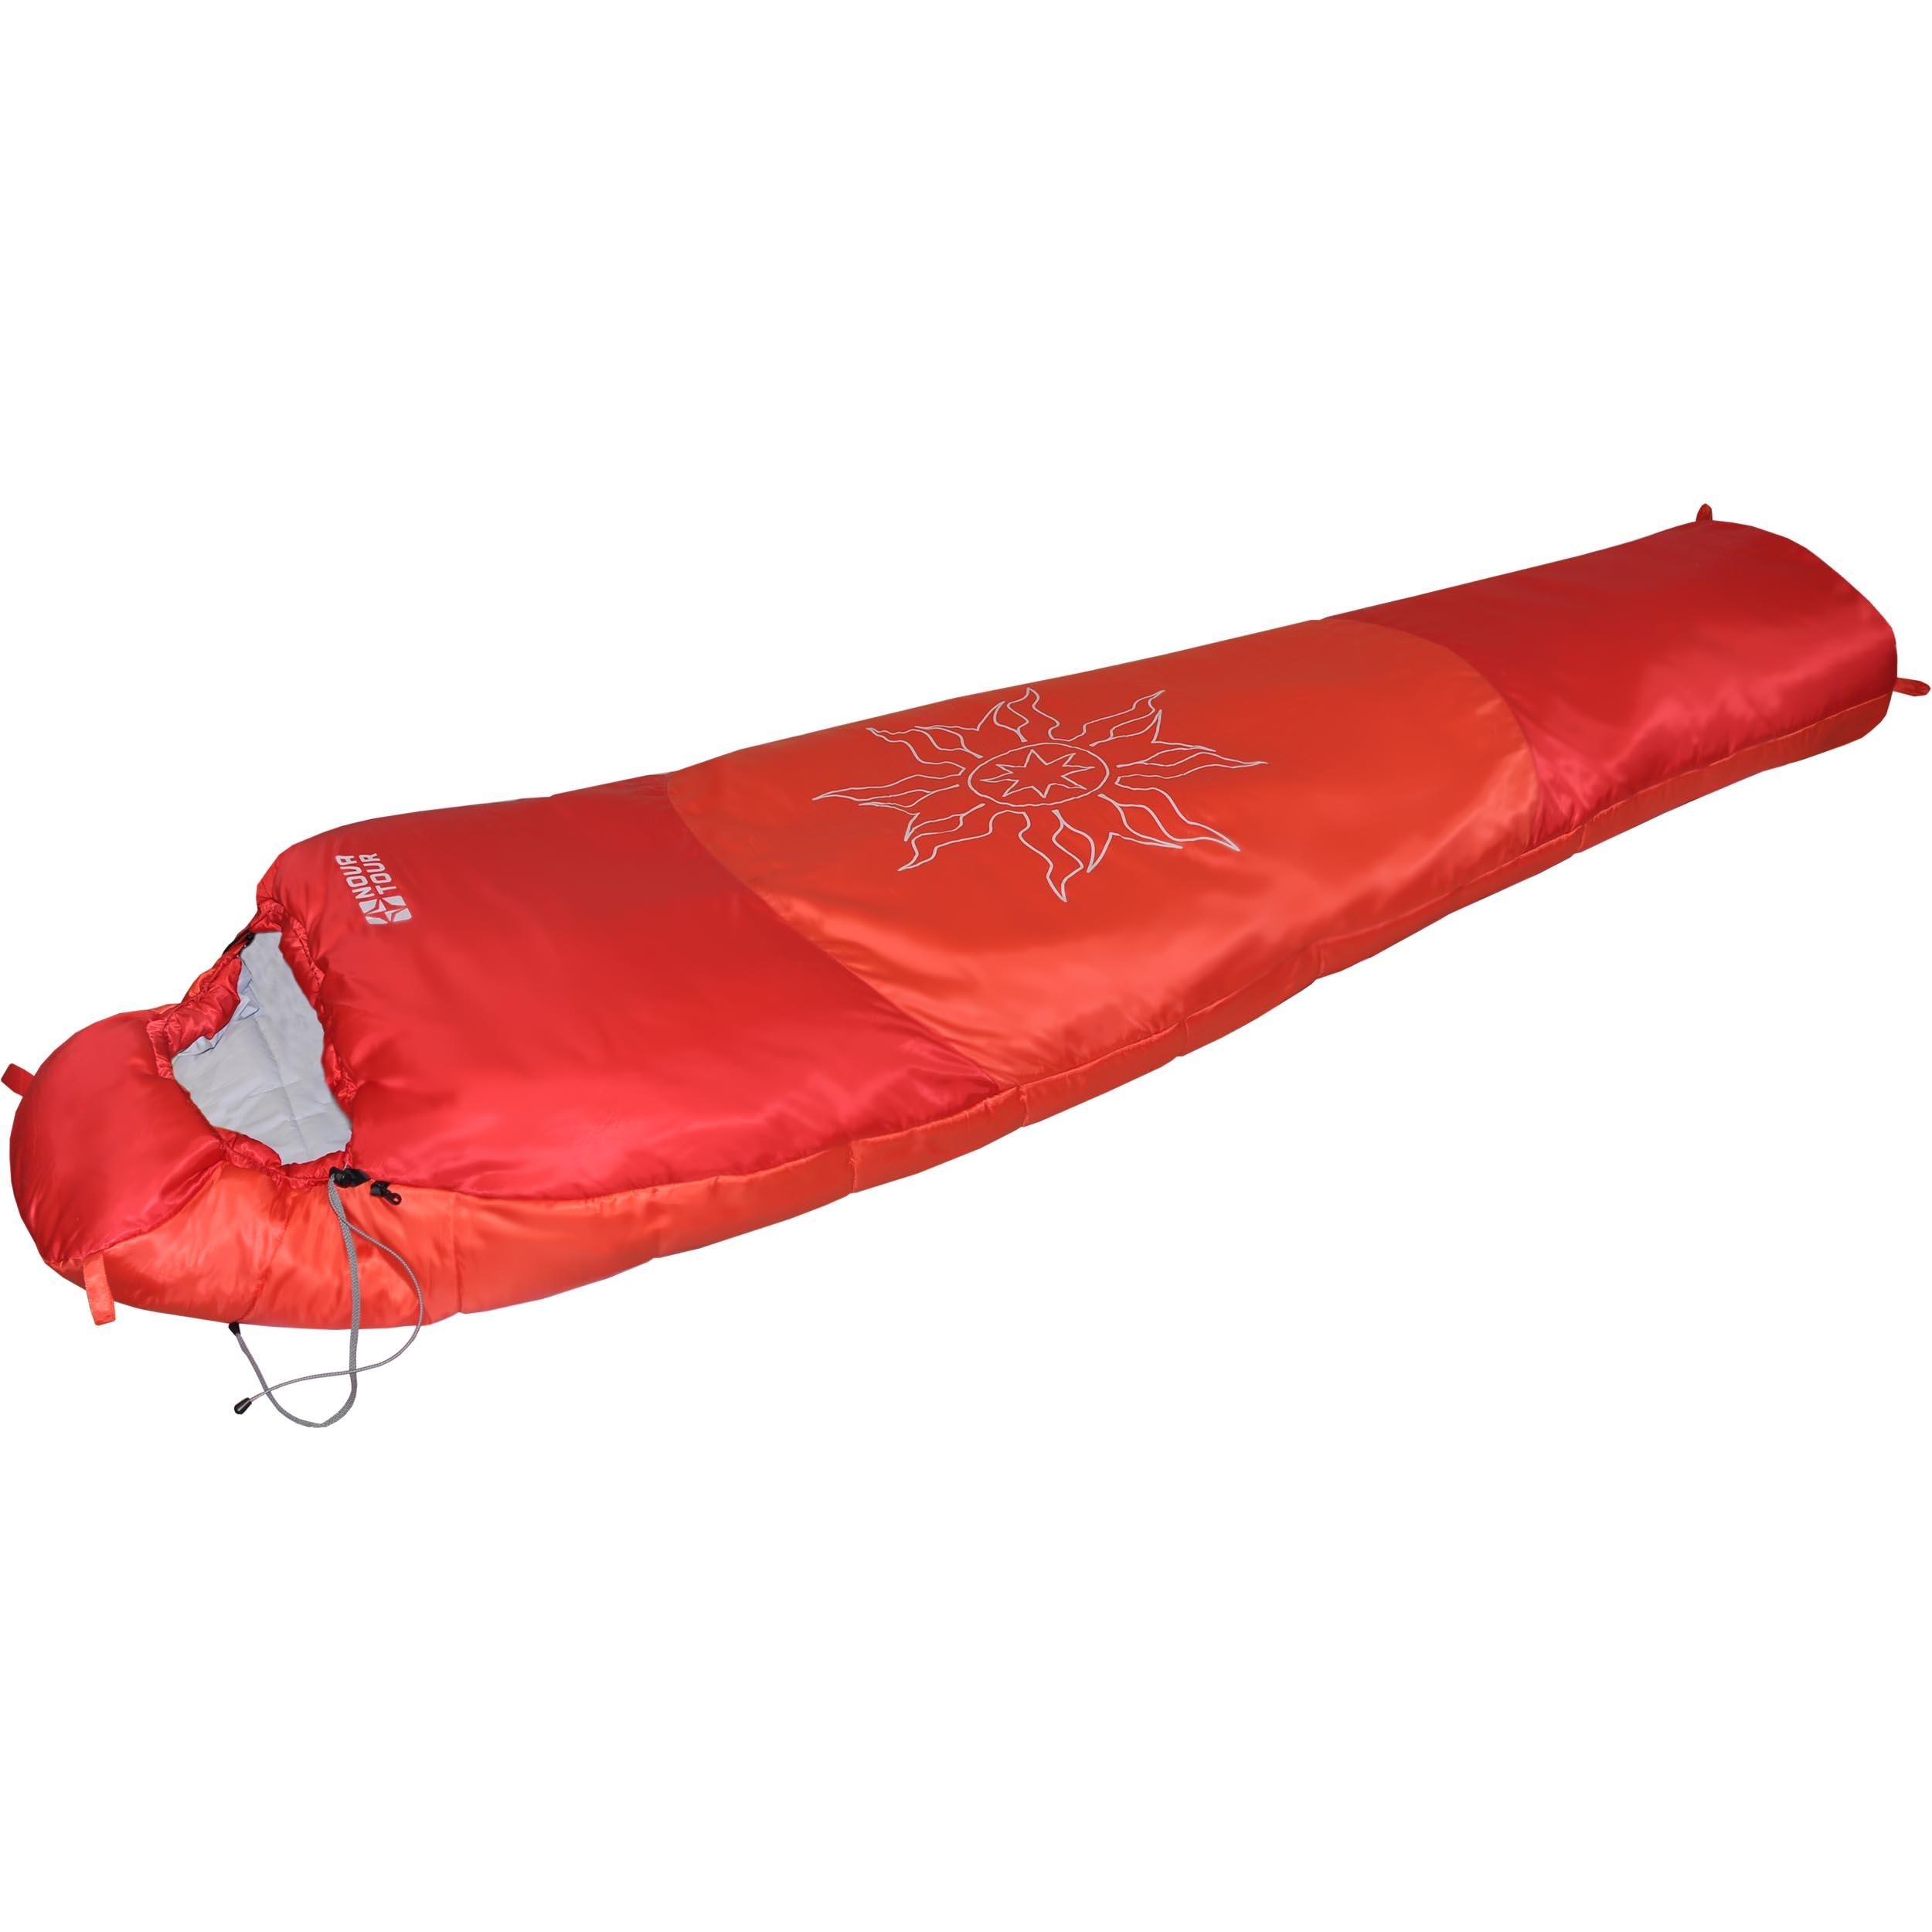 Спальный мешок Nova Tour Ямал -30 XL V2, цвет: красный, левосторонняя молния спальный мешок nova tour крым 10 v2 95425 314 right